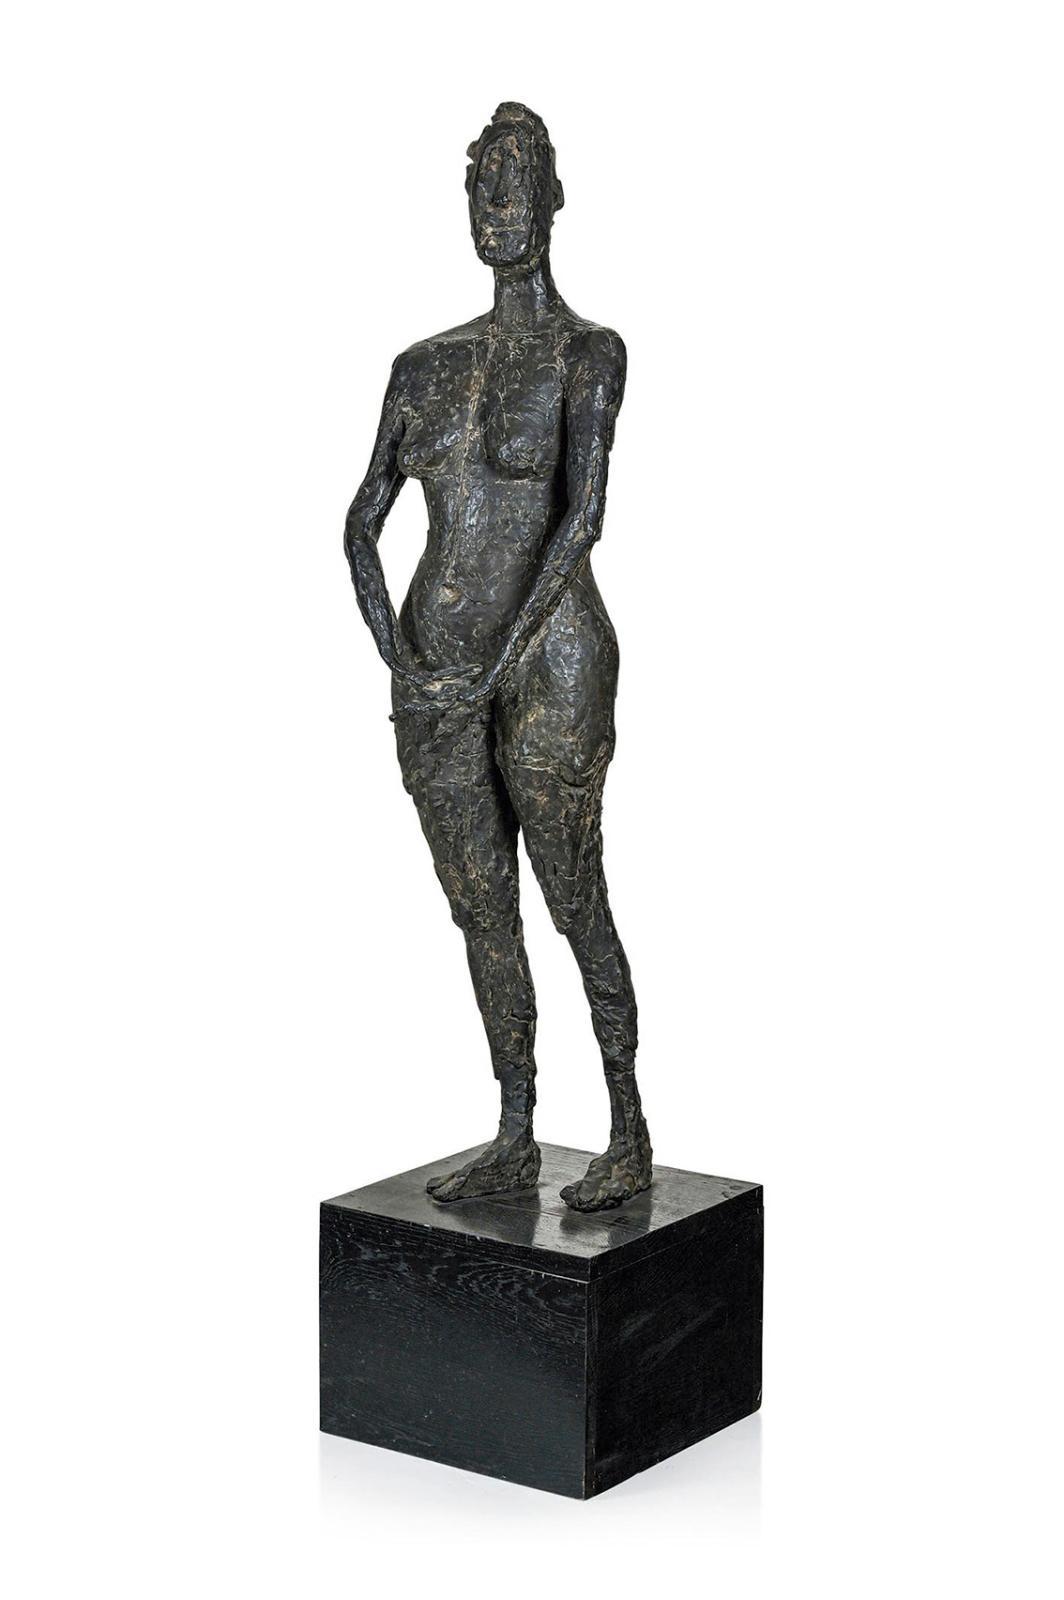 Les liens unissant les Creuzevault et la sculptrice Germaine Richier (1902-1959) sont bien connus et ont été rapportés dans ces pages, not